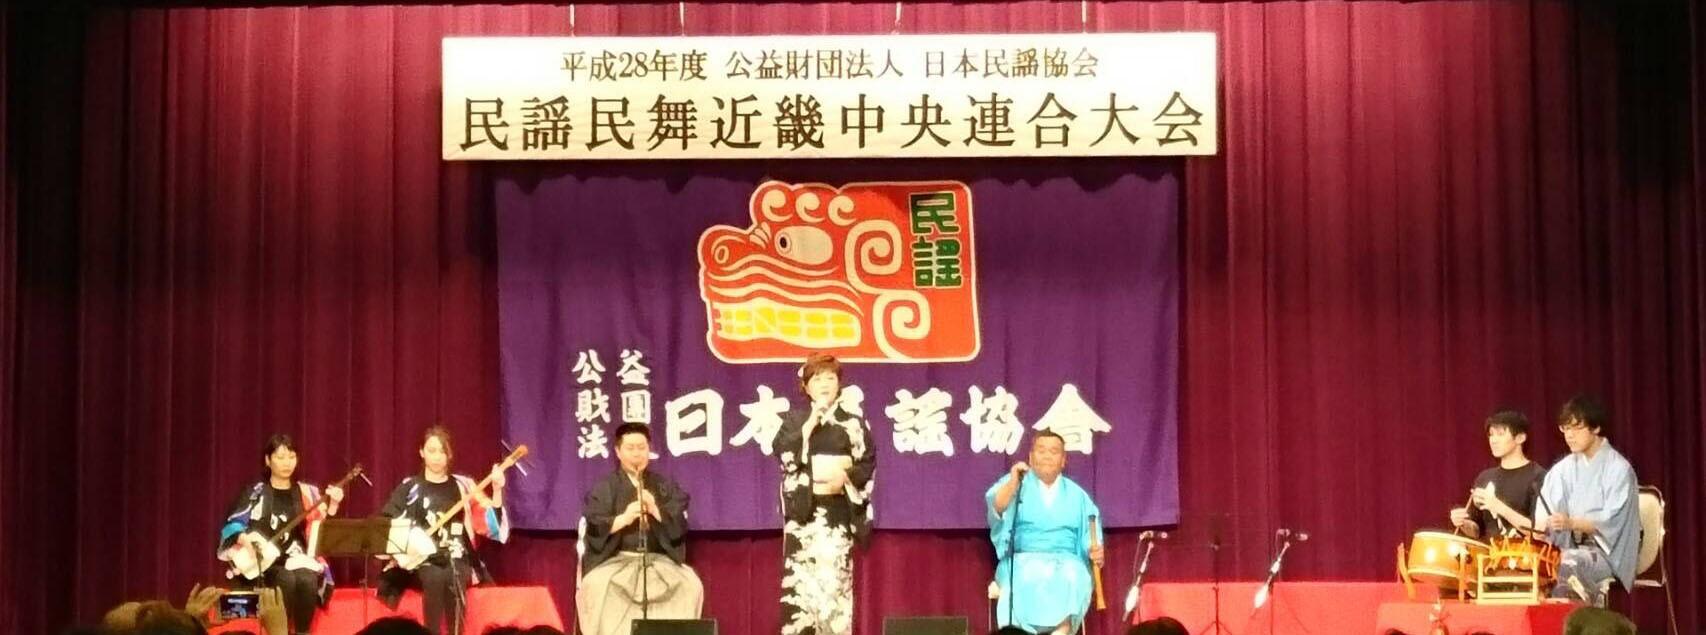 民舞4.JPG